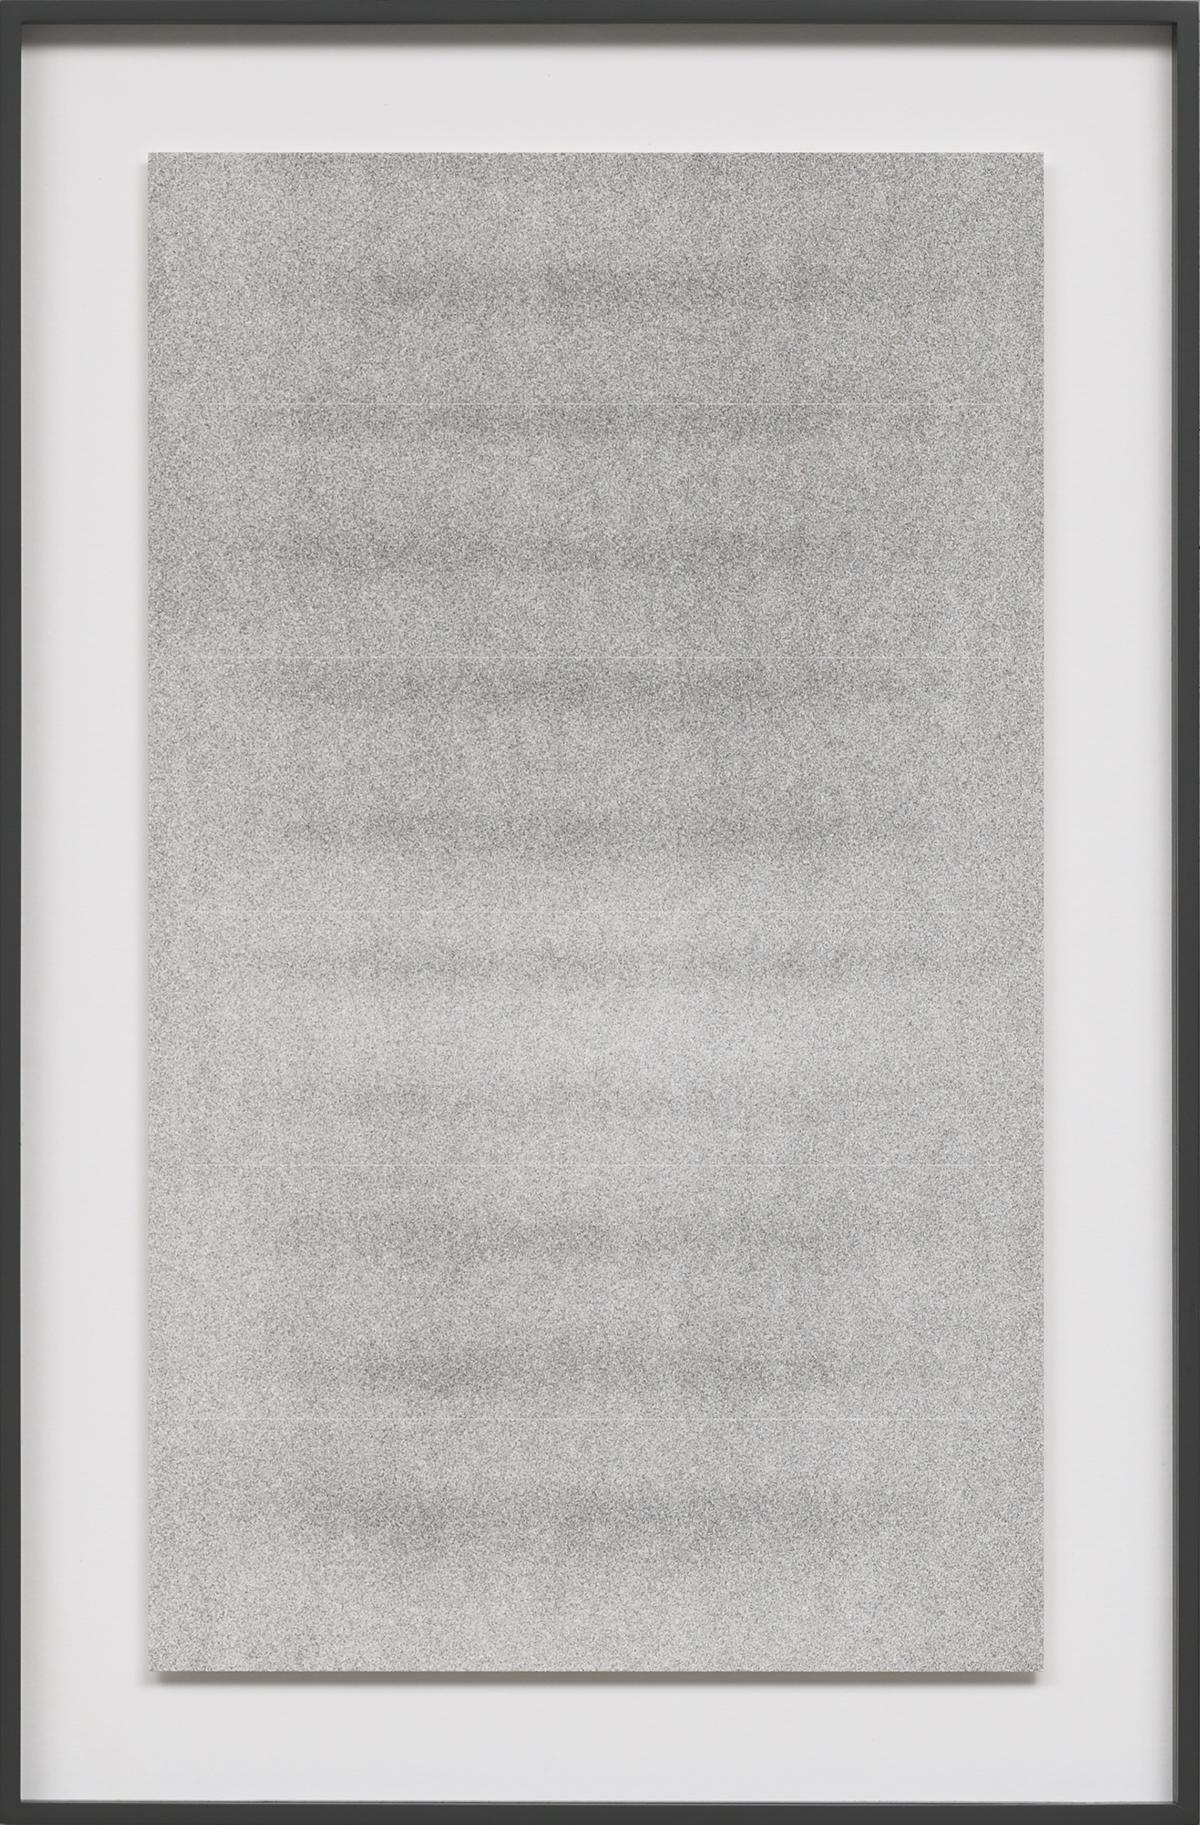 Conrad Müller, Ohne Titel (Grau I), 2018, Pigmentprint, 56 x 33 cm 1:5 + 2 AP